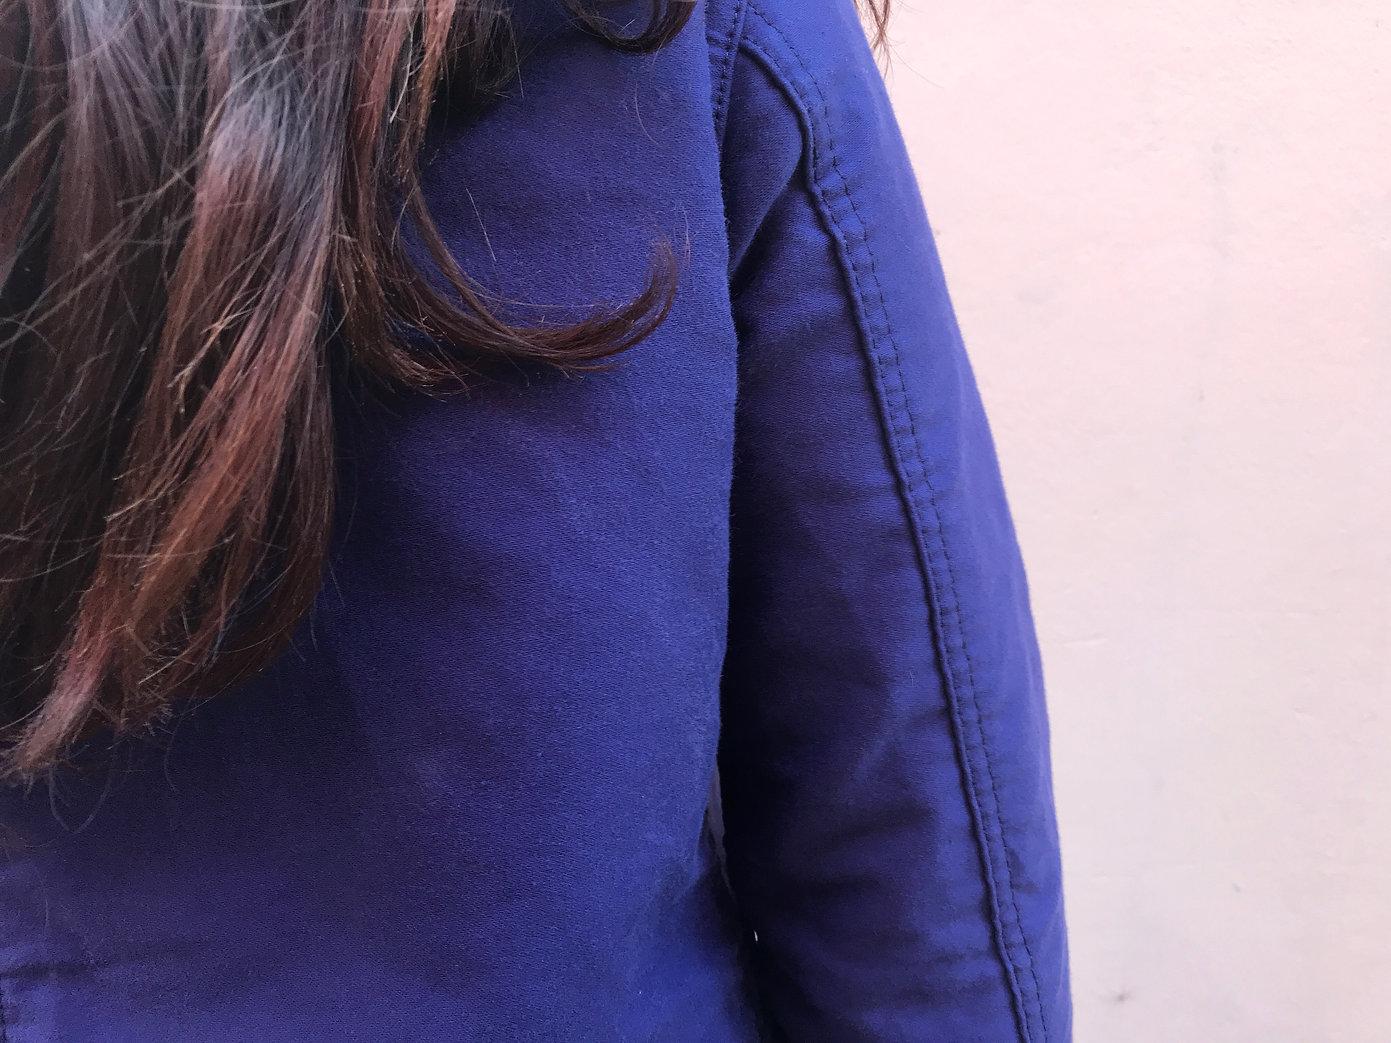 Pantalon de travail vintage 100% coton sergé, Moleskine 100% coton, Veste de travail vintage, bleu de travail vintage